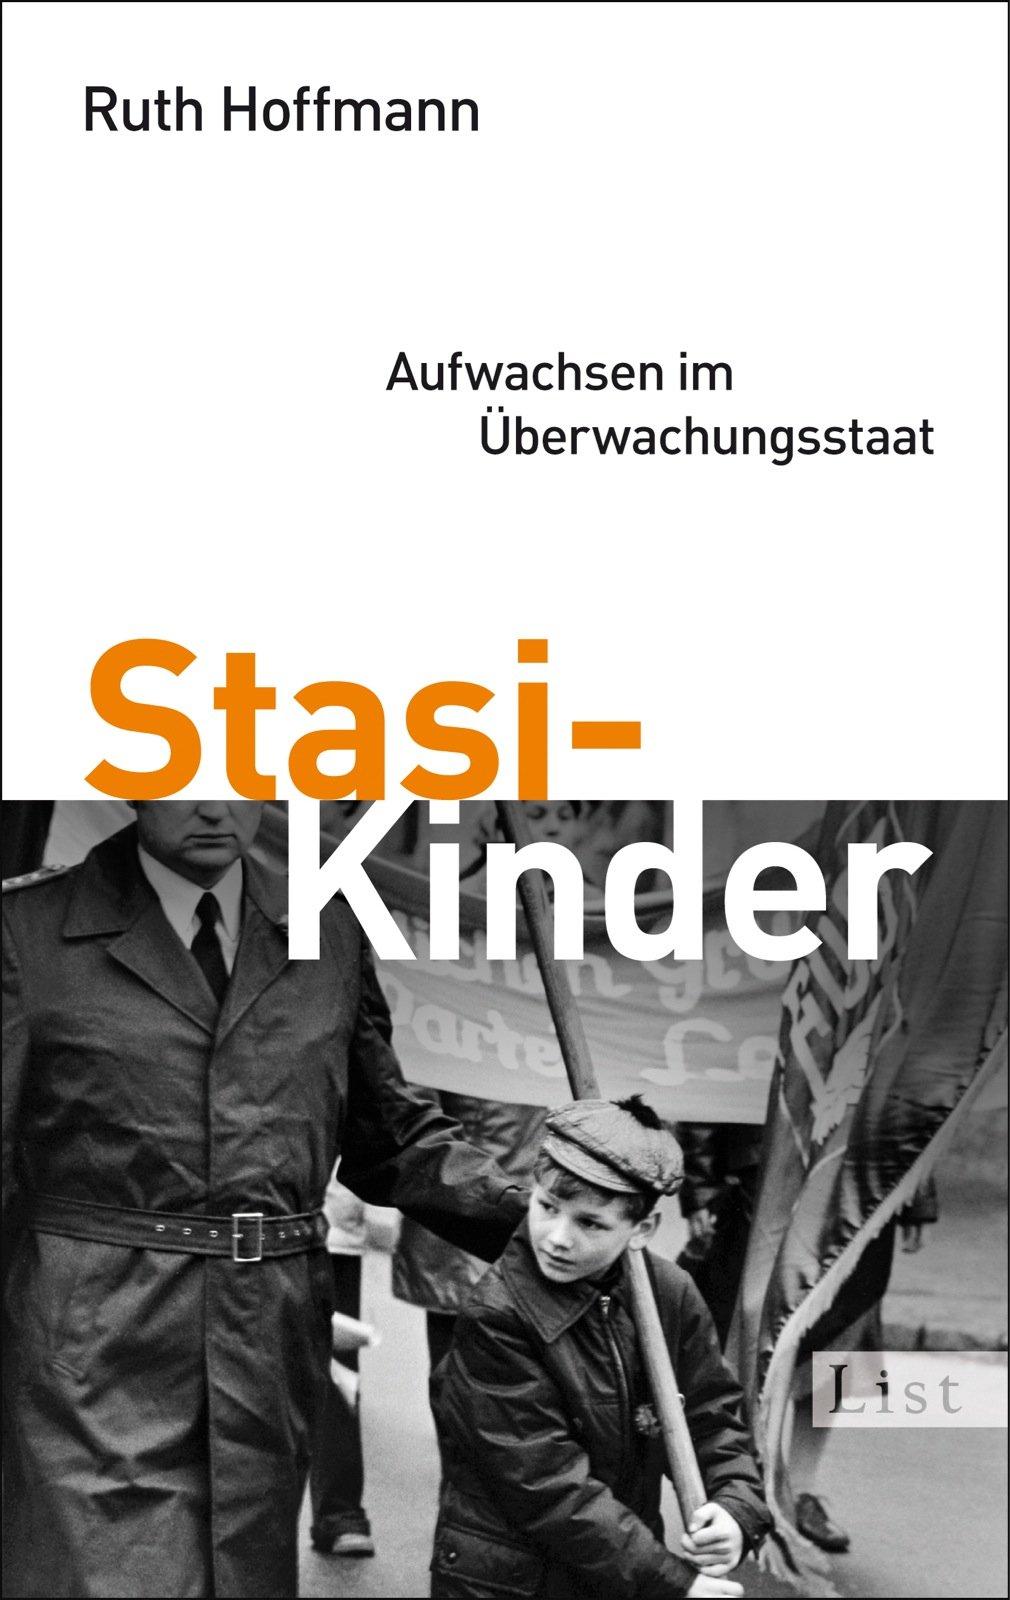 Stasi-Kinder: Aufwachsen im Überwachungsstaat Taschenbuch – 10. Juni 2013 Ruth Hoffmann List Taschenbuch 3548611699 HISTORY / Civilization